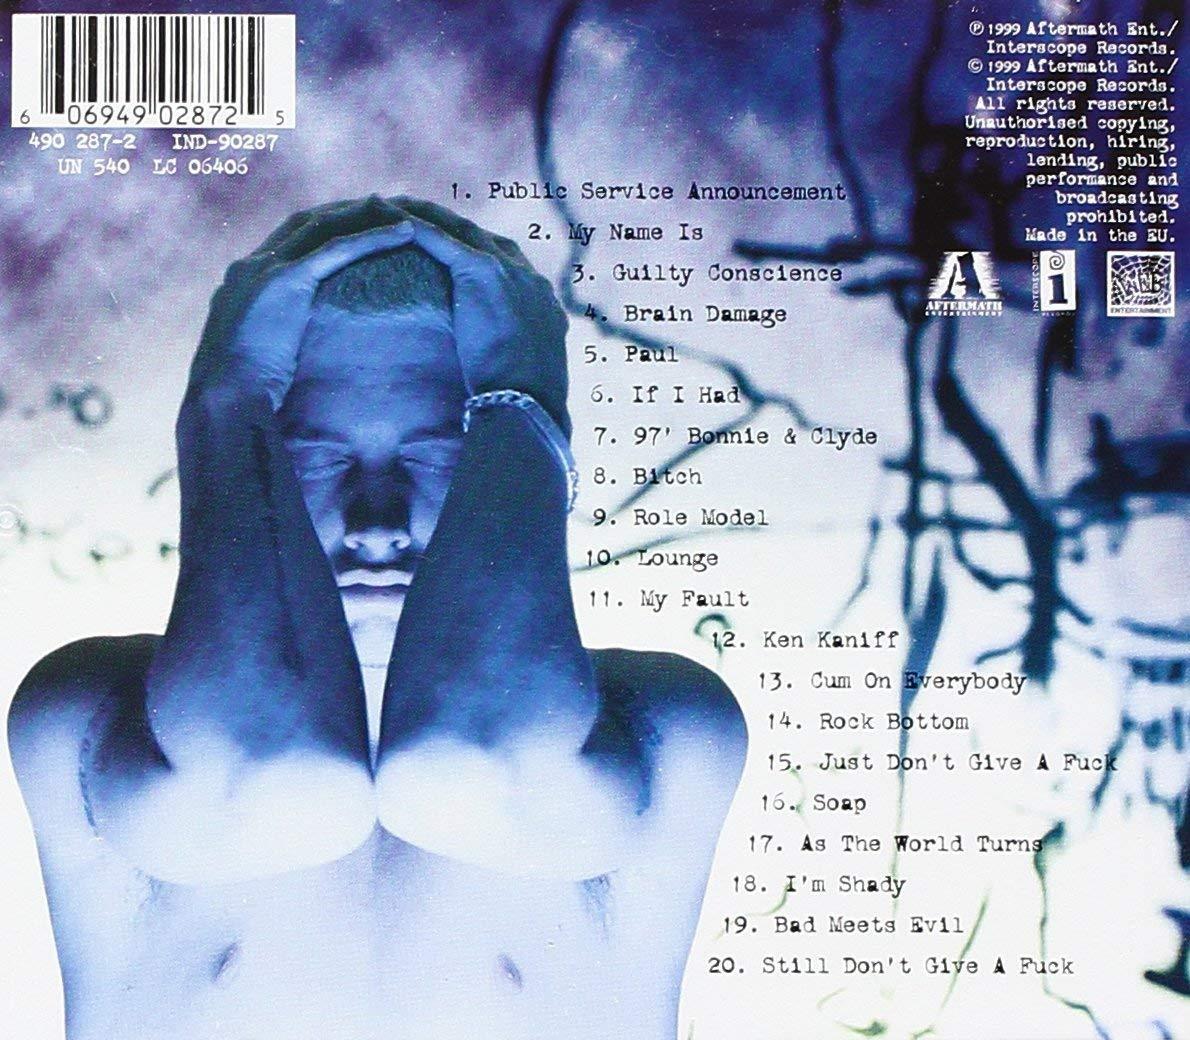 Eminem - The Slim Shady LP (Audio CD, 1999)